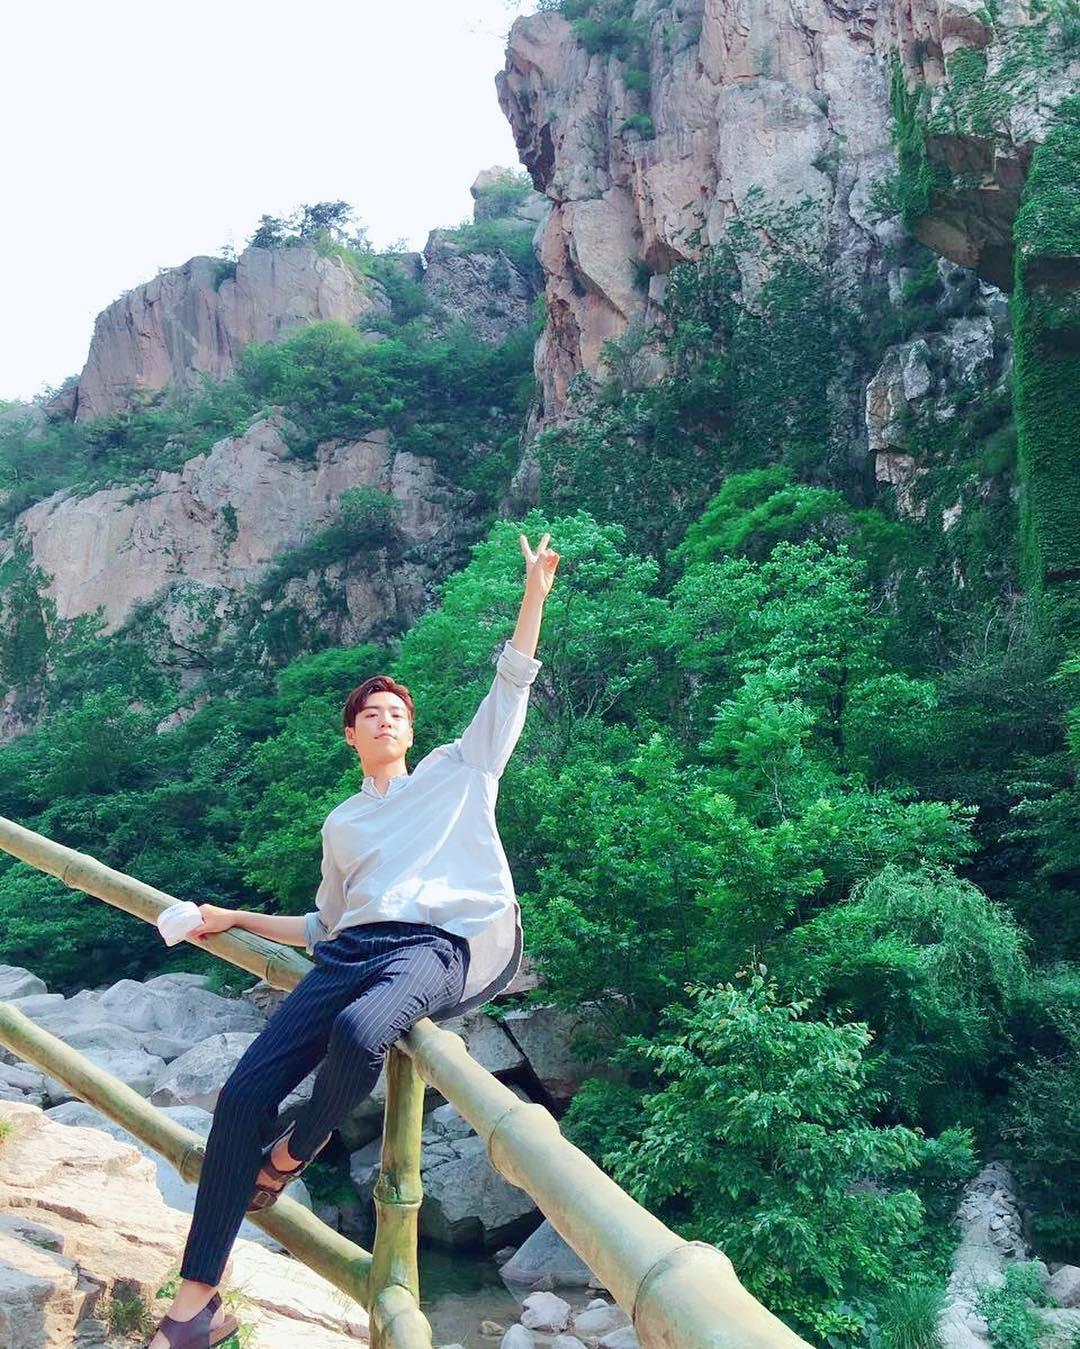 ▲李玹雨退伍後即投入電影拍攝。(圖/翻攝自Instagram/hihyunwoo)